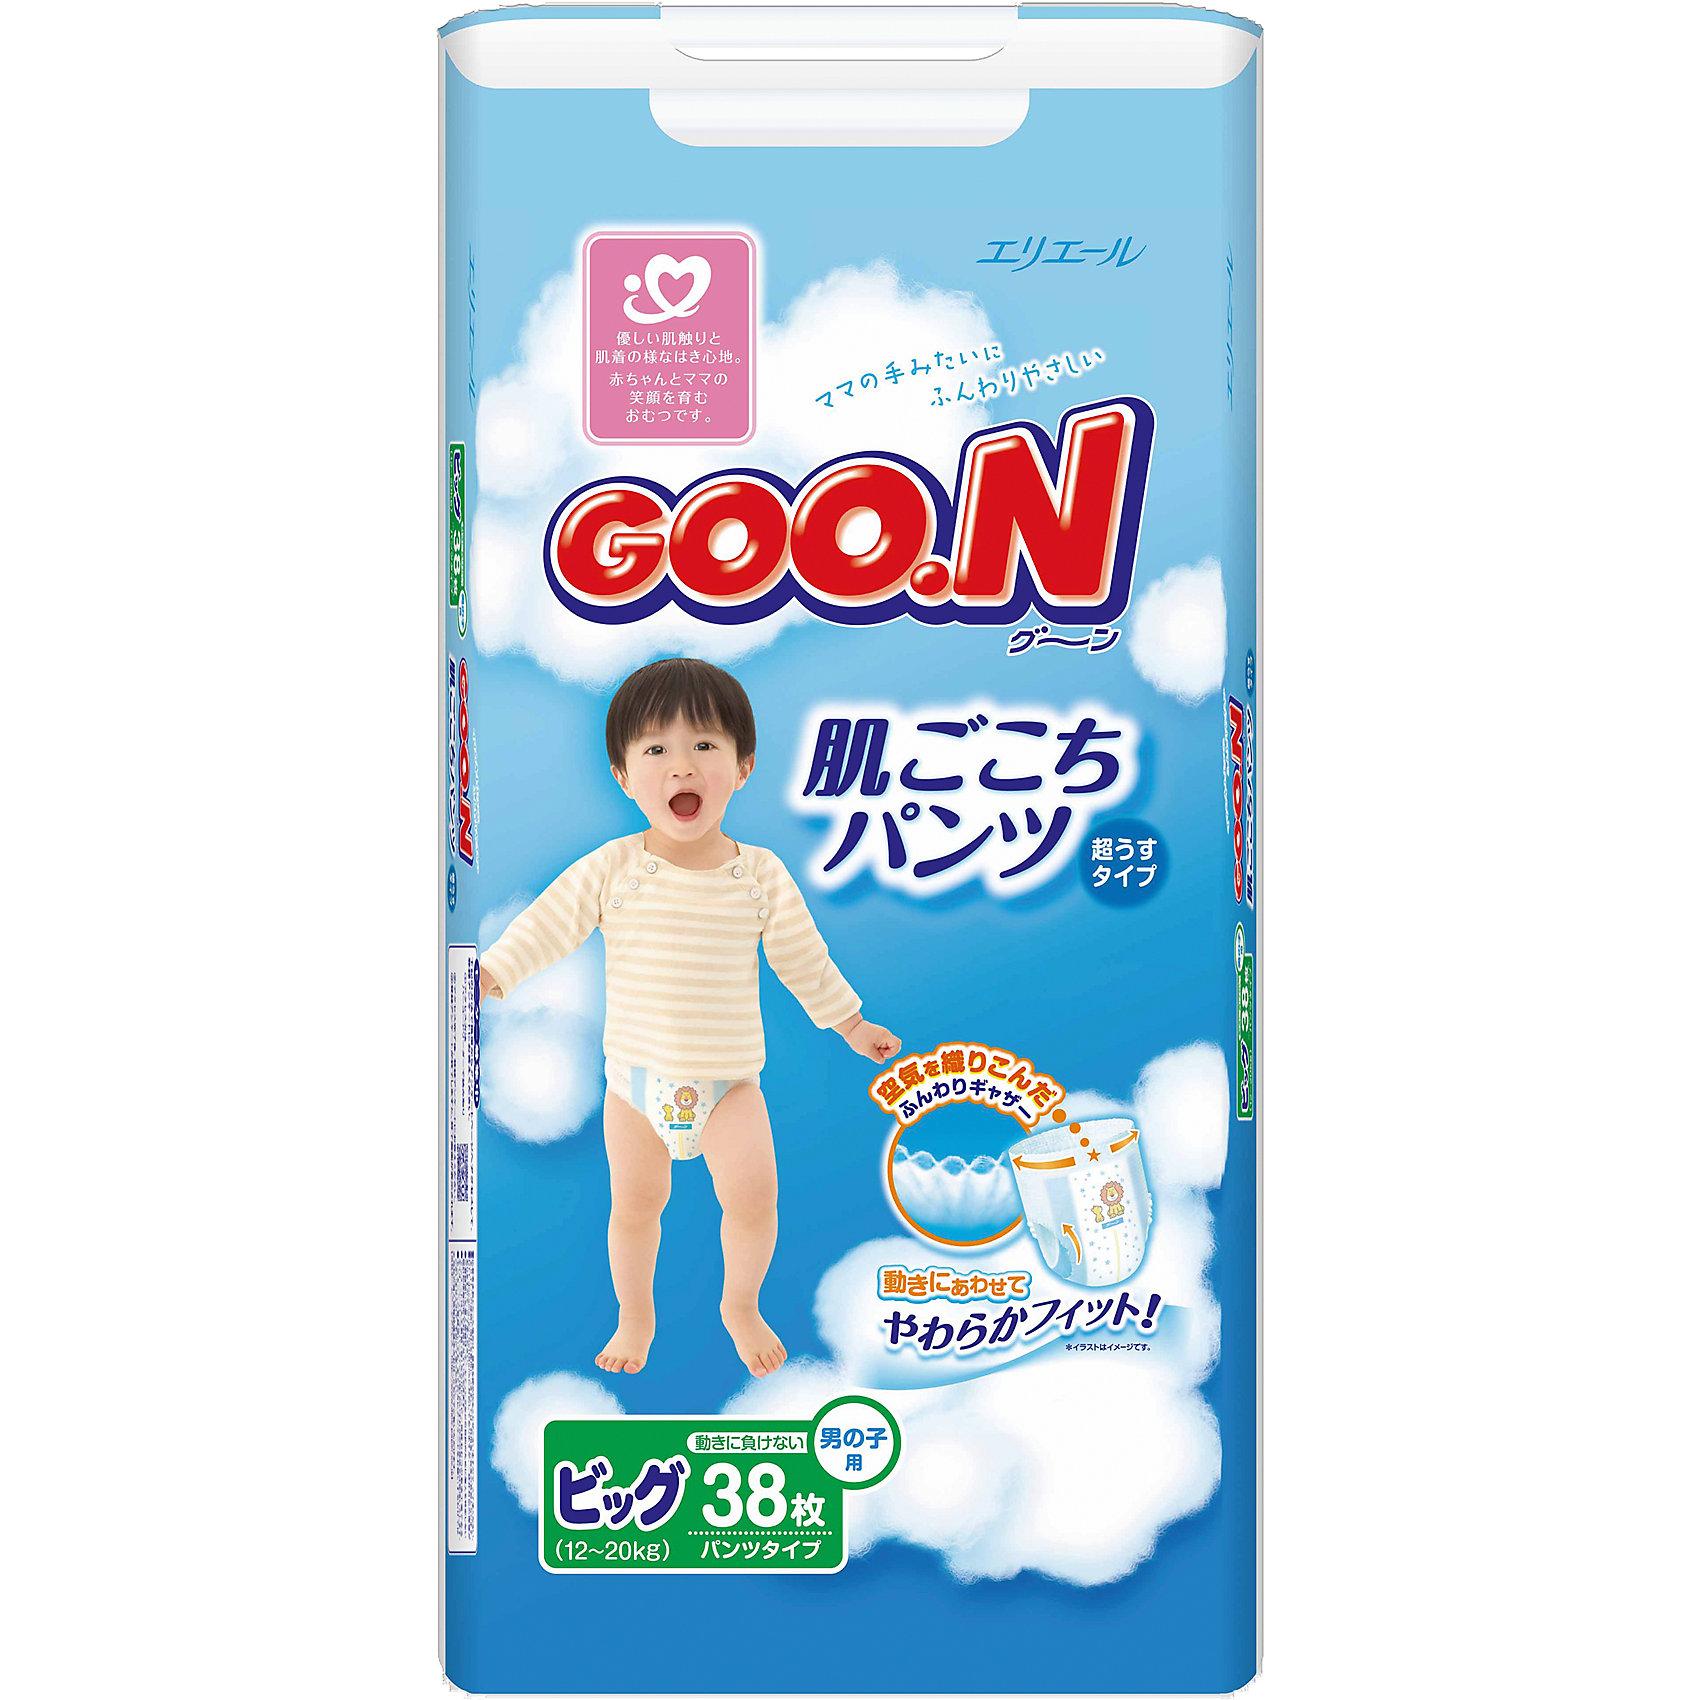 Goon Подгузники-трусики Goon, XL 12-20 кг, для мальчиков, 38 шт. трусики подгузники для мальчиков солнце и луна нежное прикосновение 5 13 20 кг 40 шт